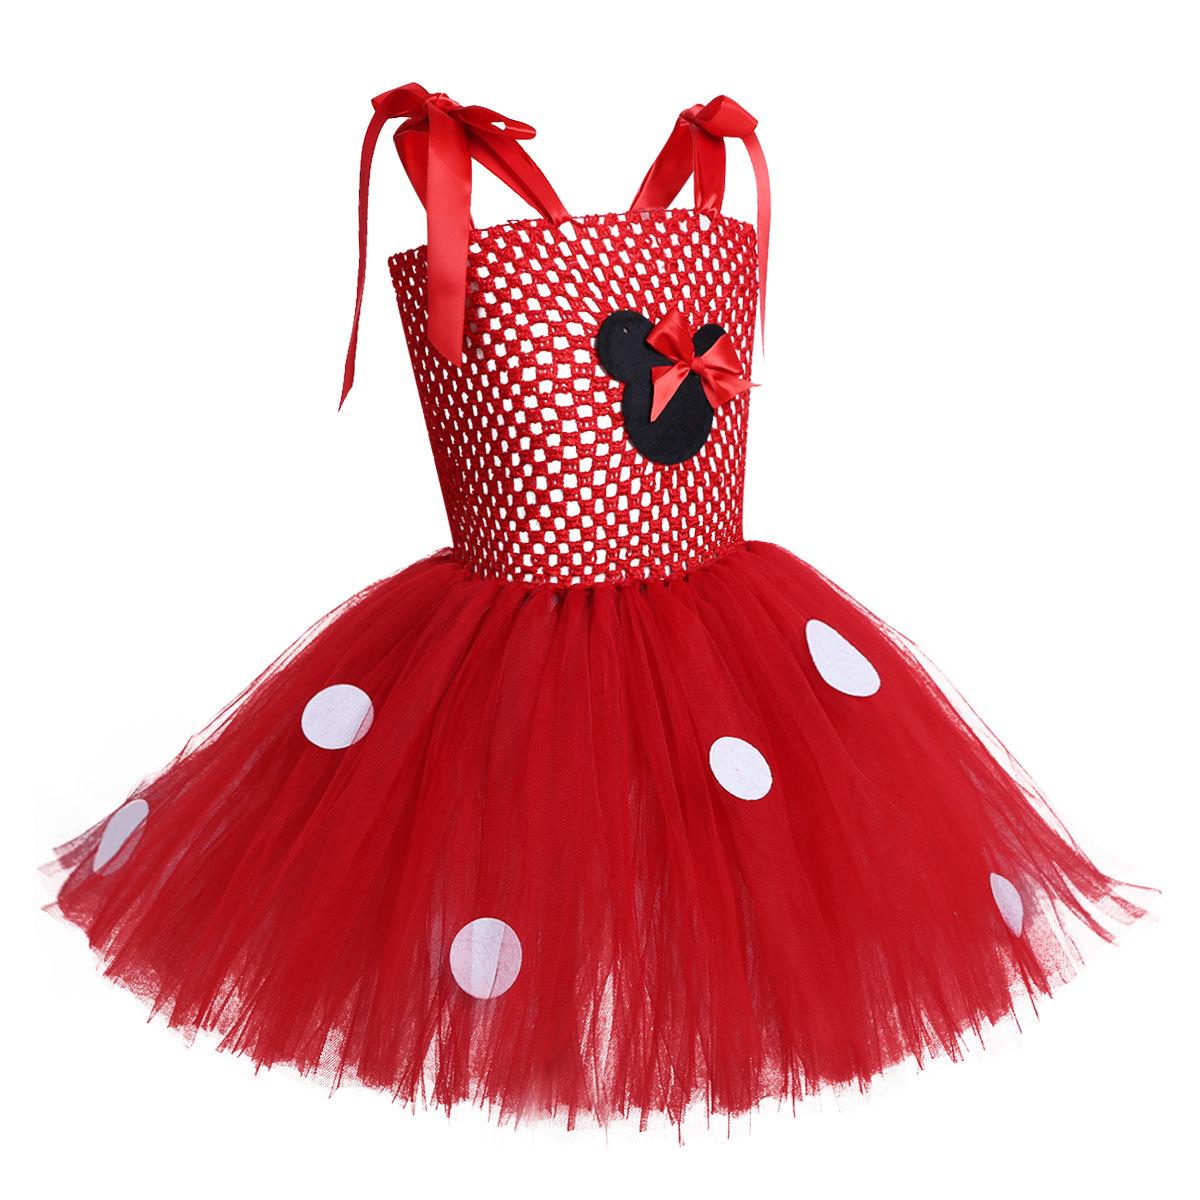 35cb924f07a827 Fait à la main jolies filles robe de dessin animé rose Tutu robe bébé 2  couche Crochet Tulle Tutus avec points ruban arc et bandeau enfants robe ...